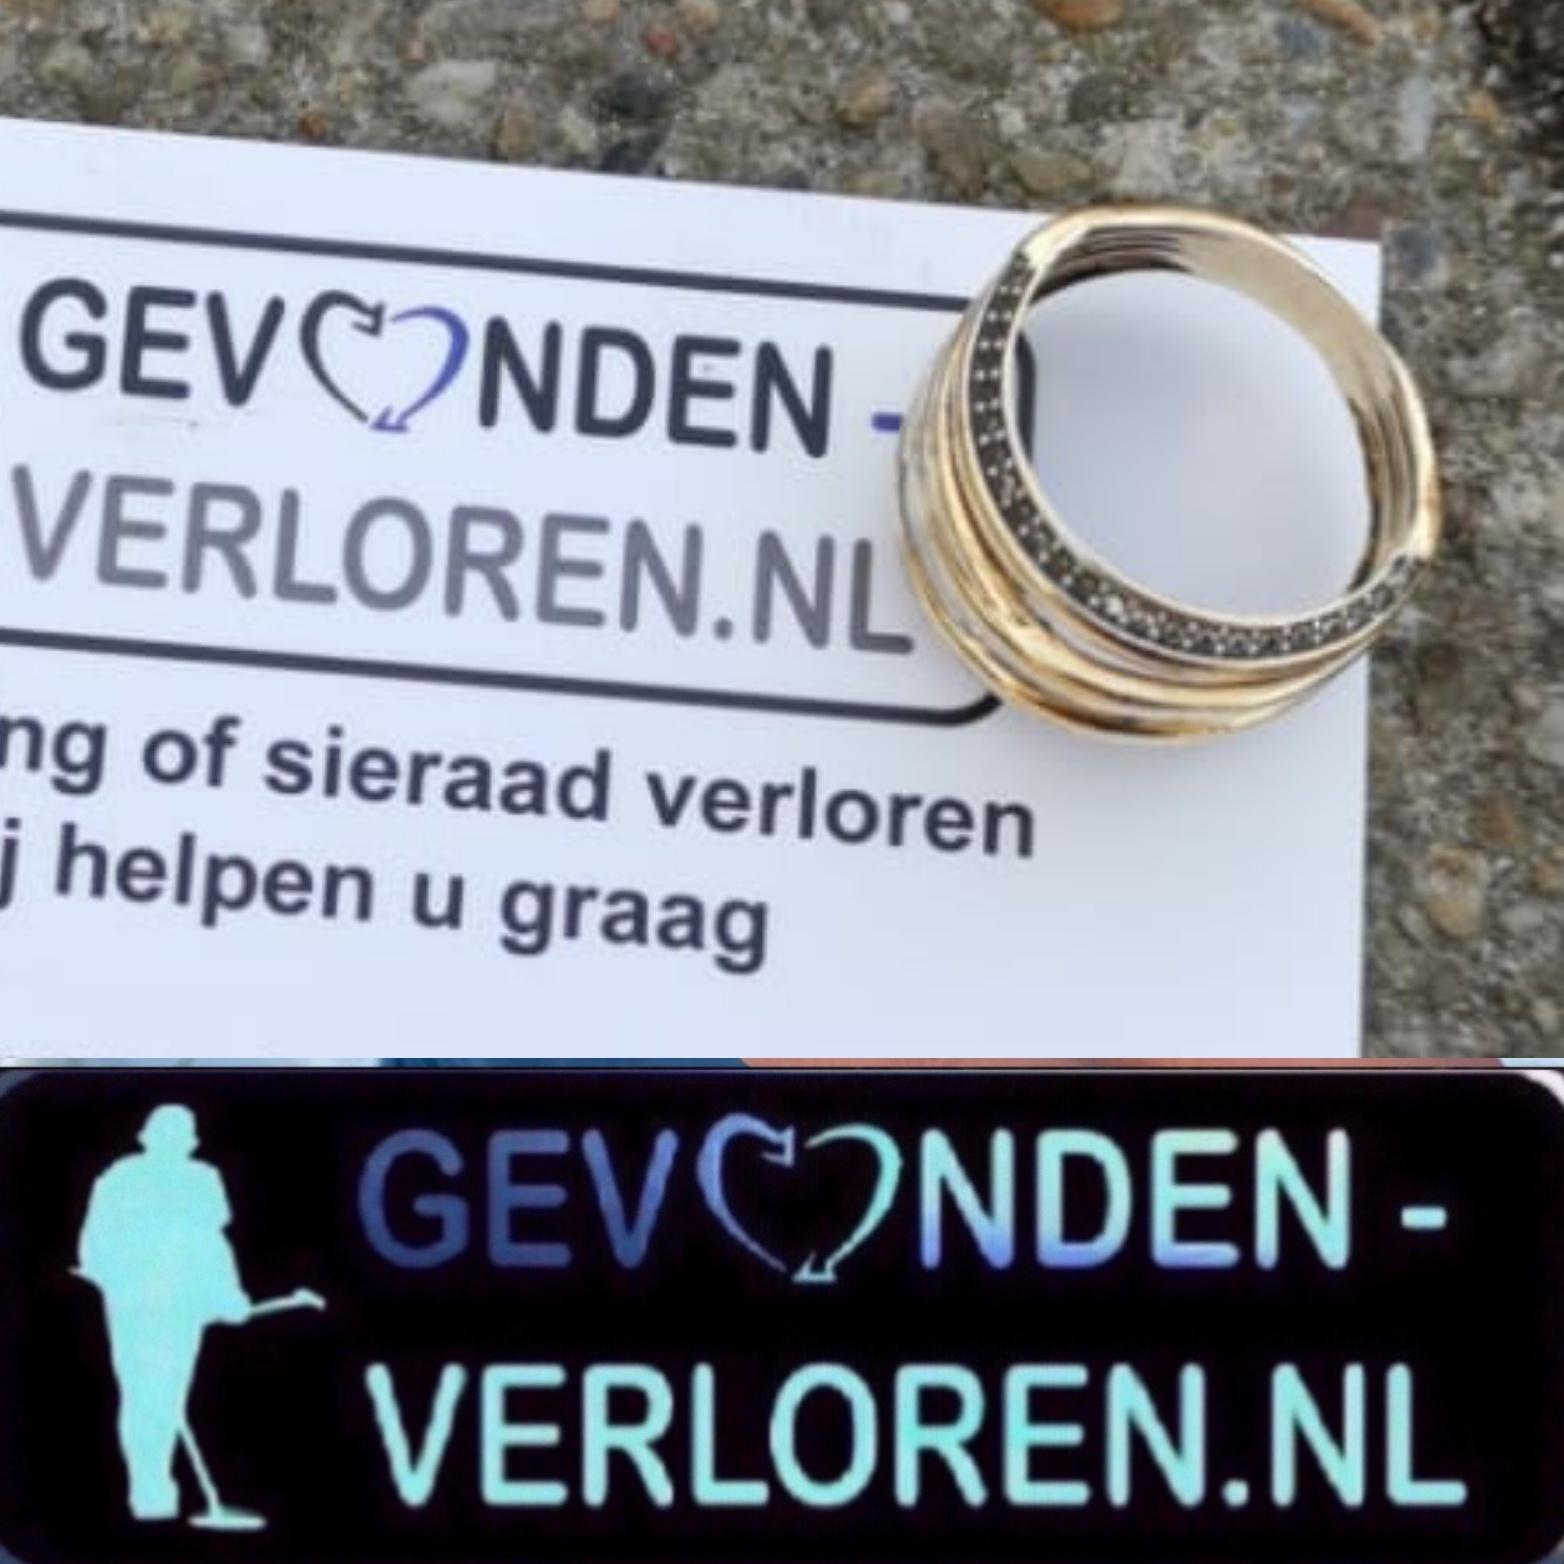 eenden voeren, ring verloren, Sylvia Verschuren, Delft waadbroek